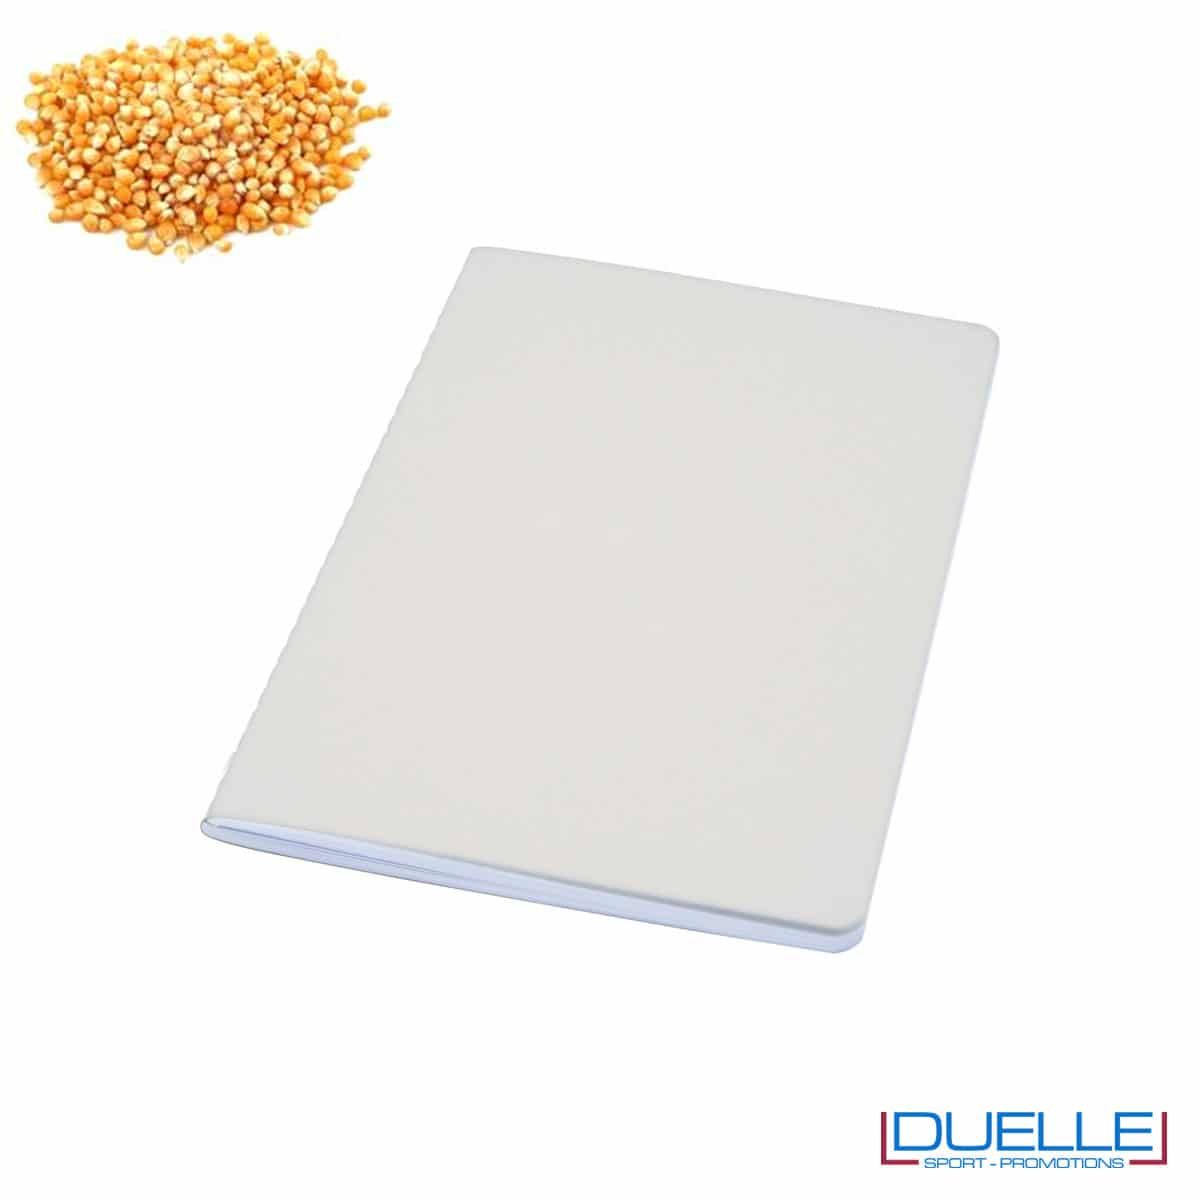 Quaderno carta riciclata con residui della lavorazione del mais